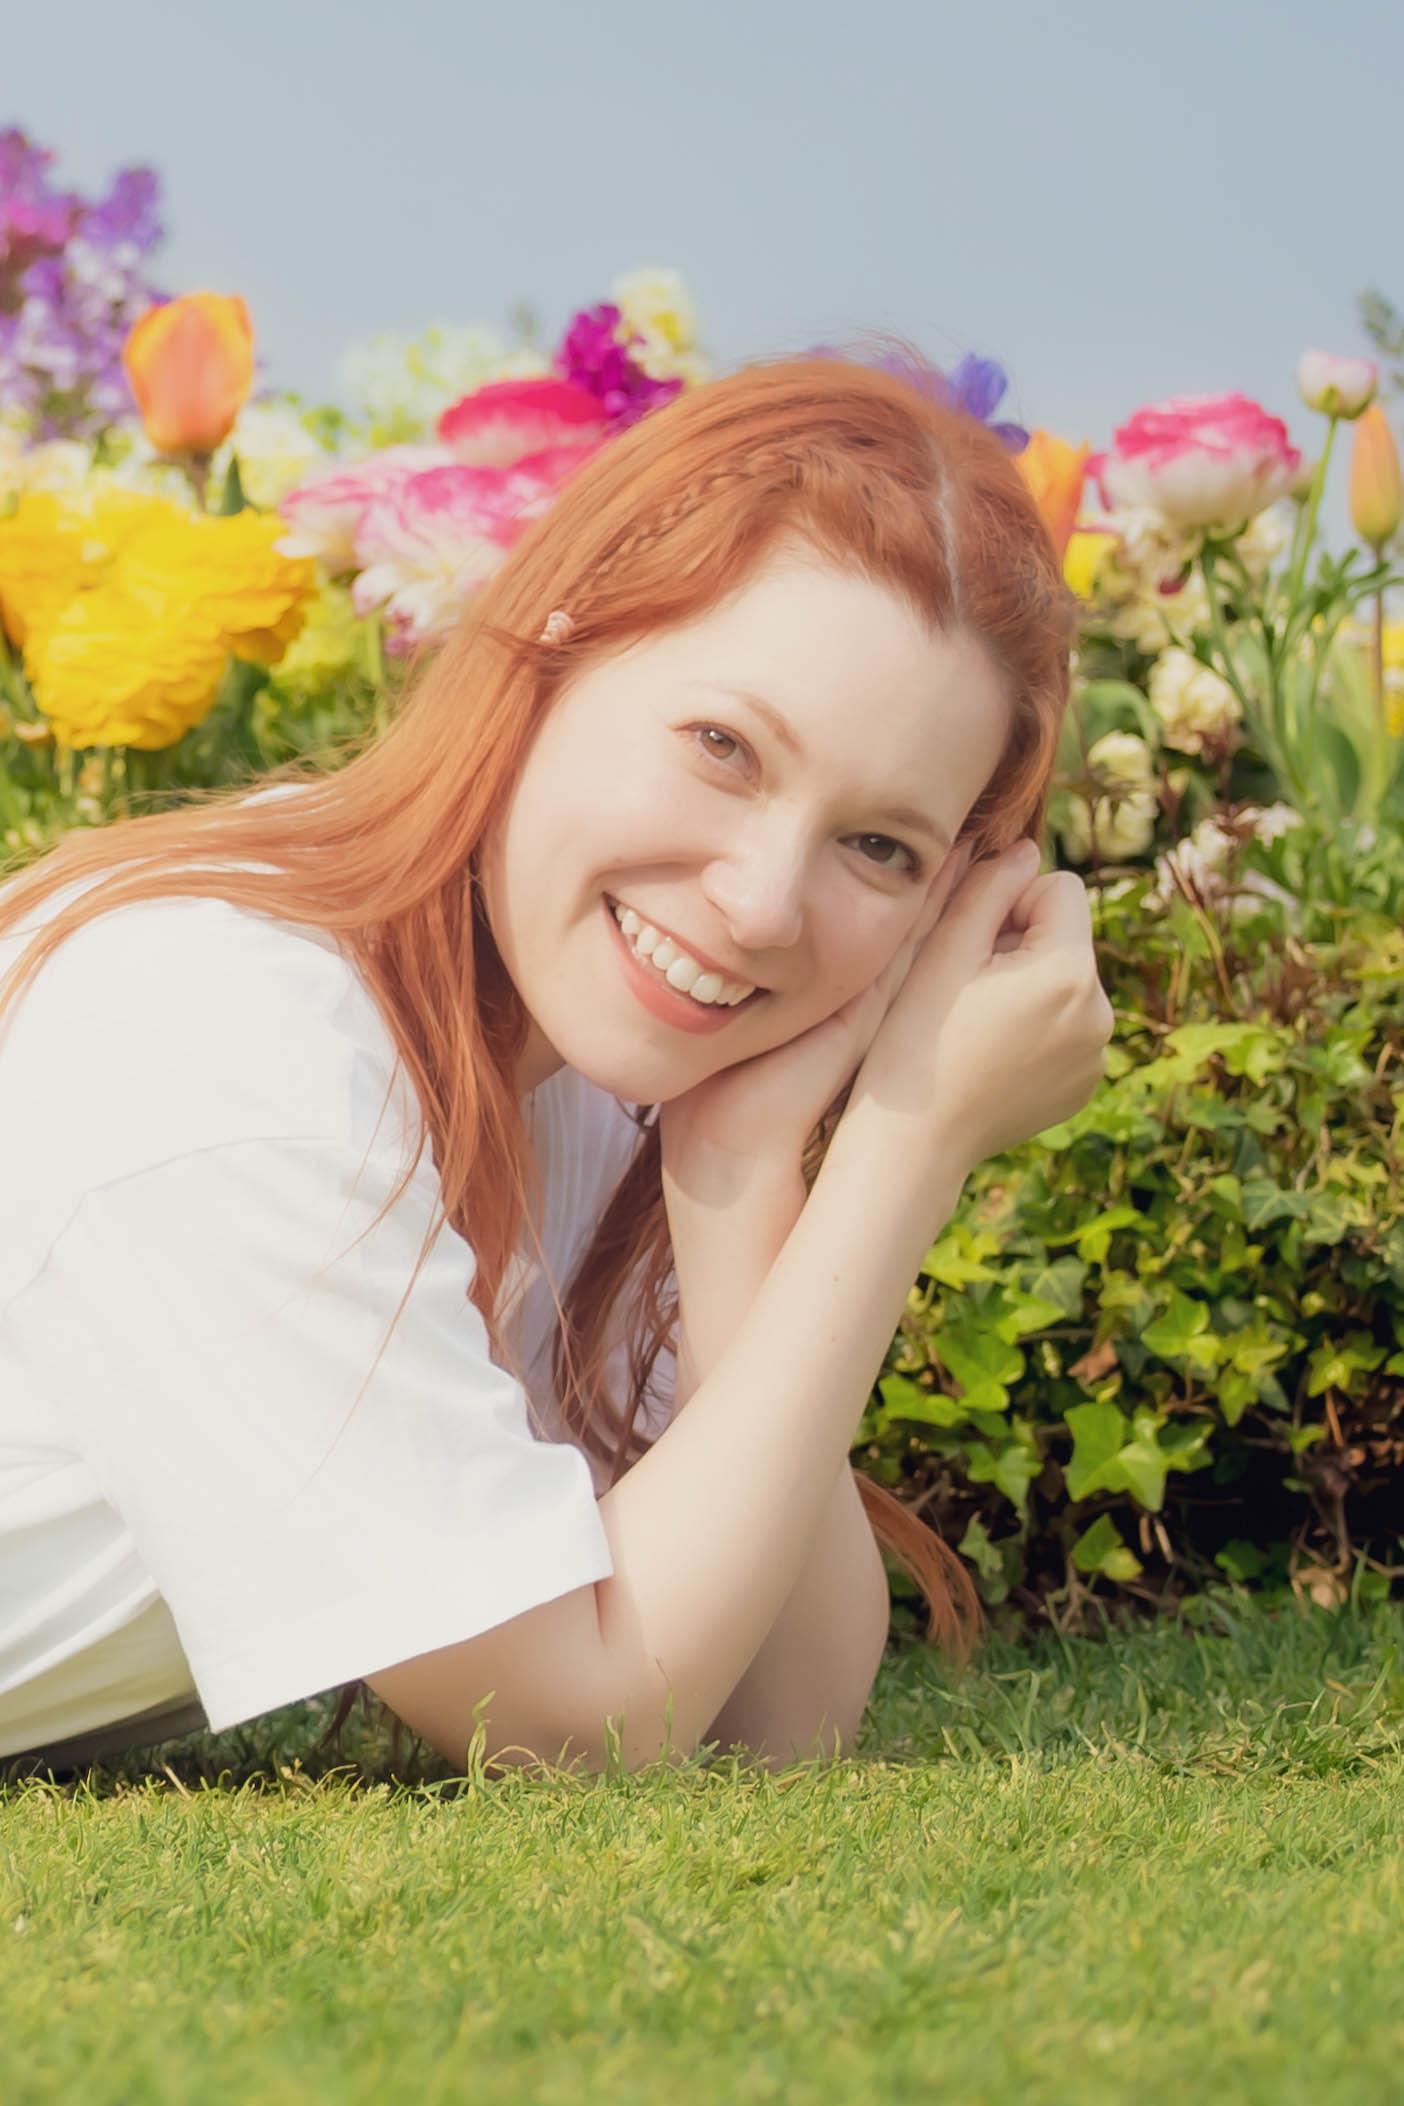 外国人モデル/外国人俳優 ミキ・クラークの写真7